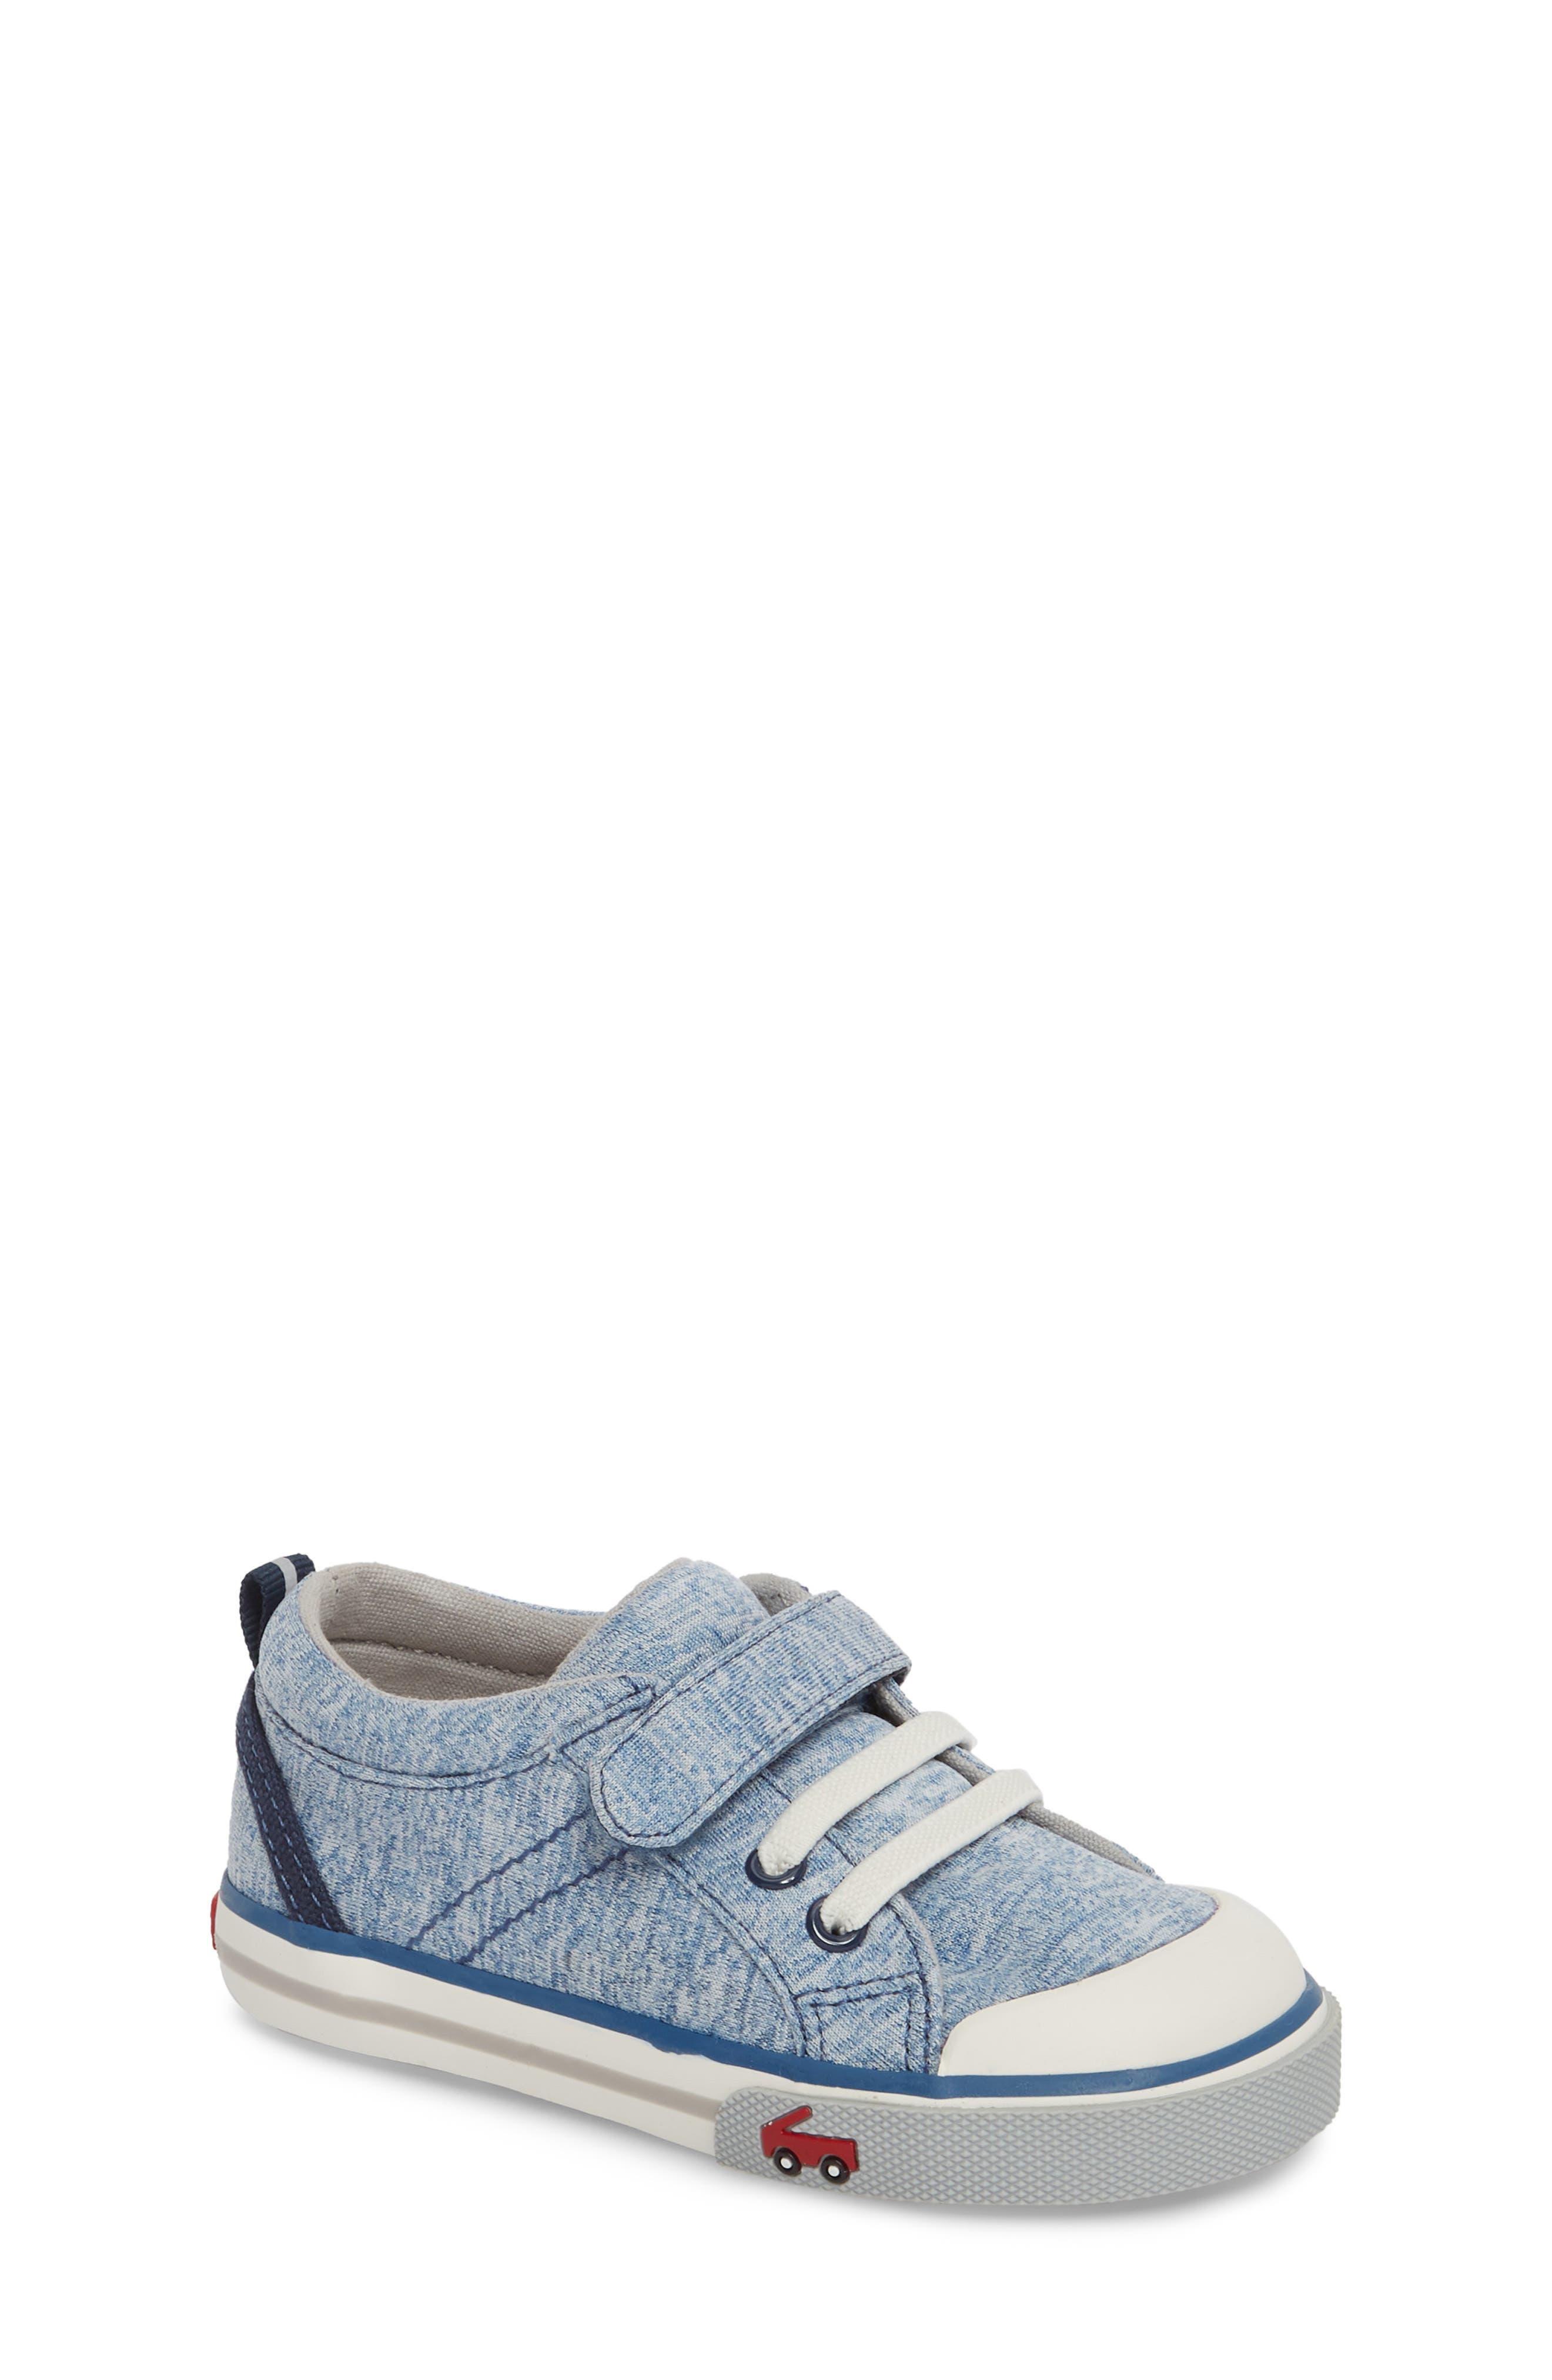 Tanner Sneaker,                         Main,                         color, 400